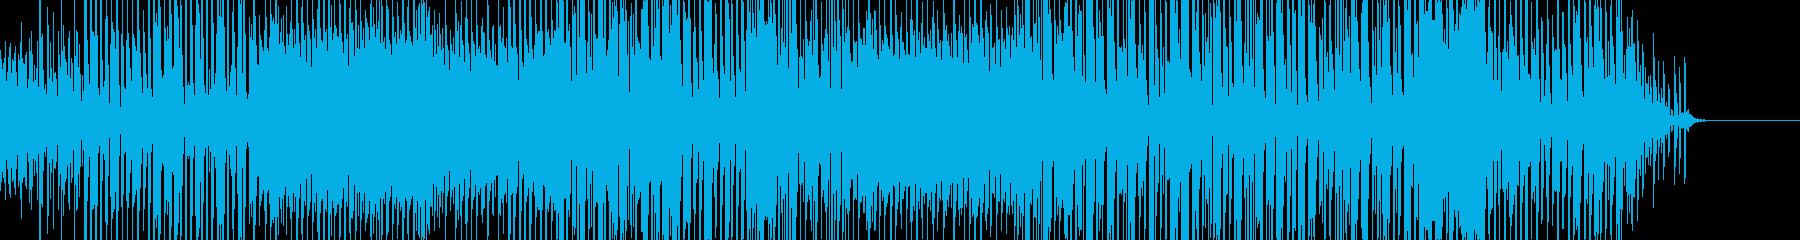 ベース入りのちょっとノリの良いエレクトロの再生済みの波形